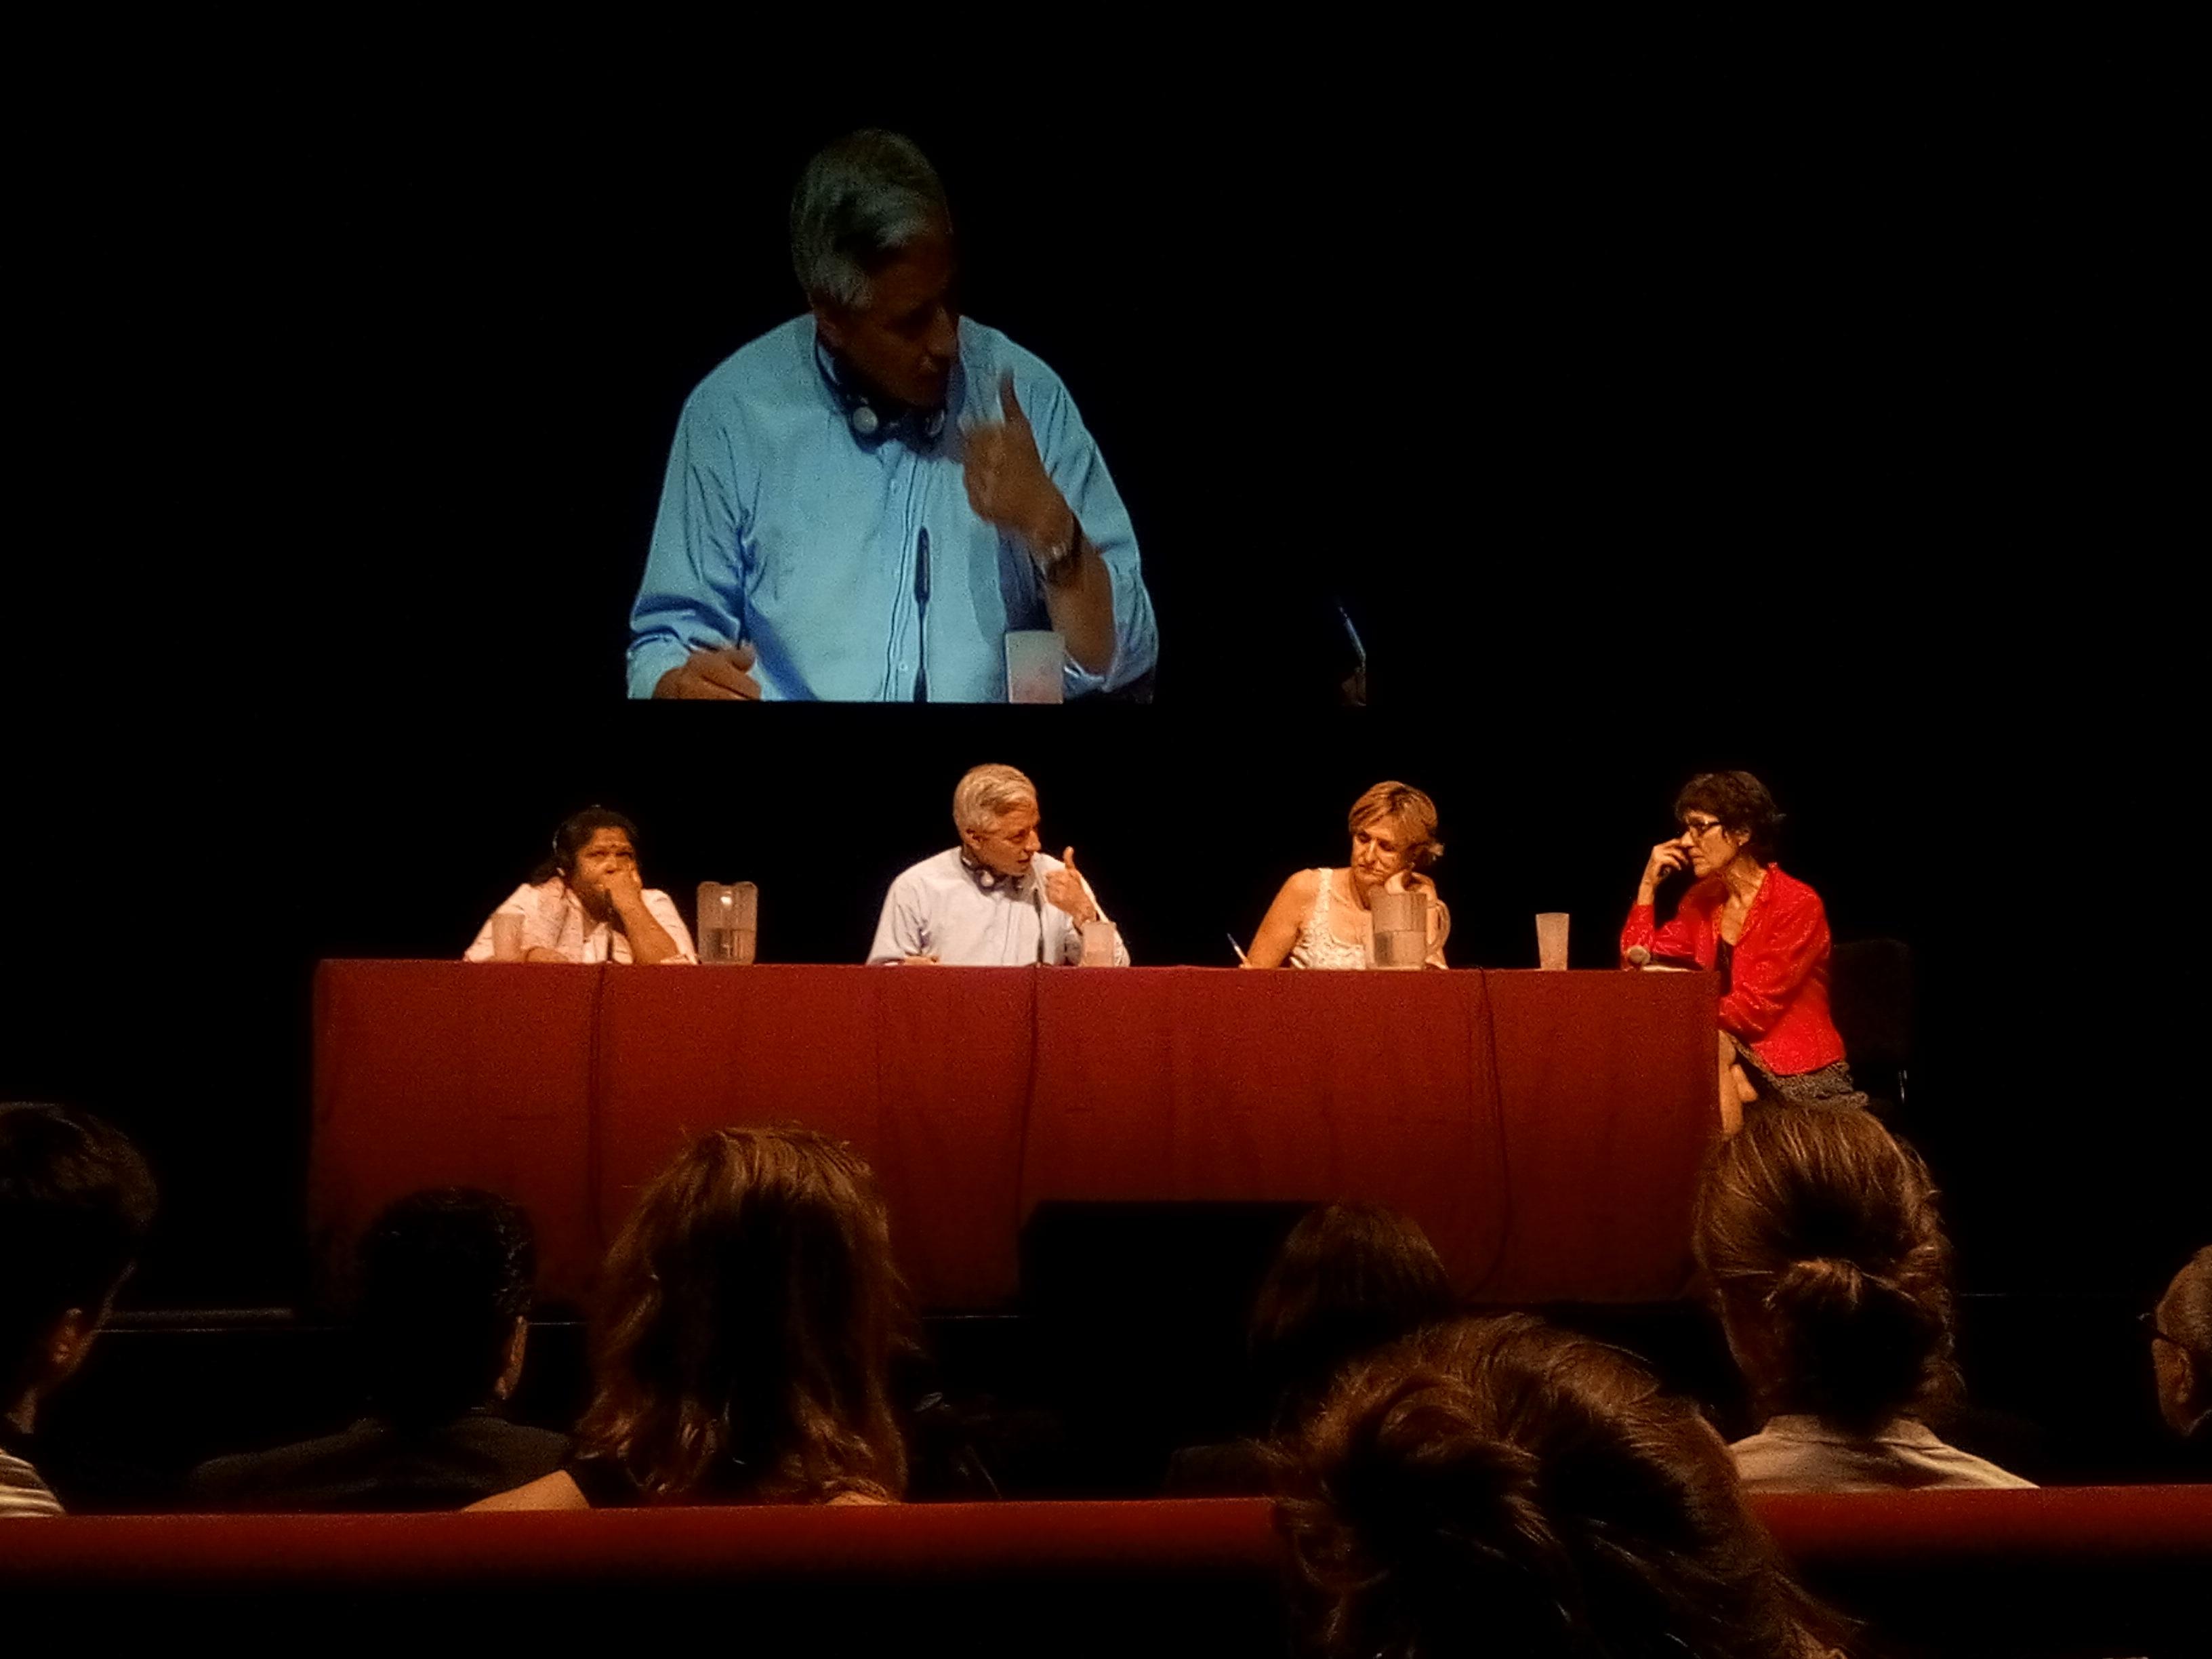 grande_conference.jpg